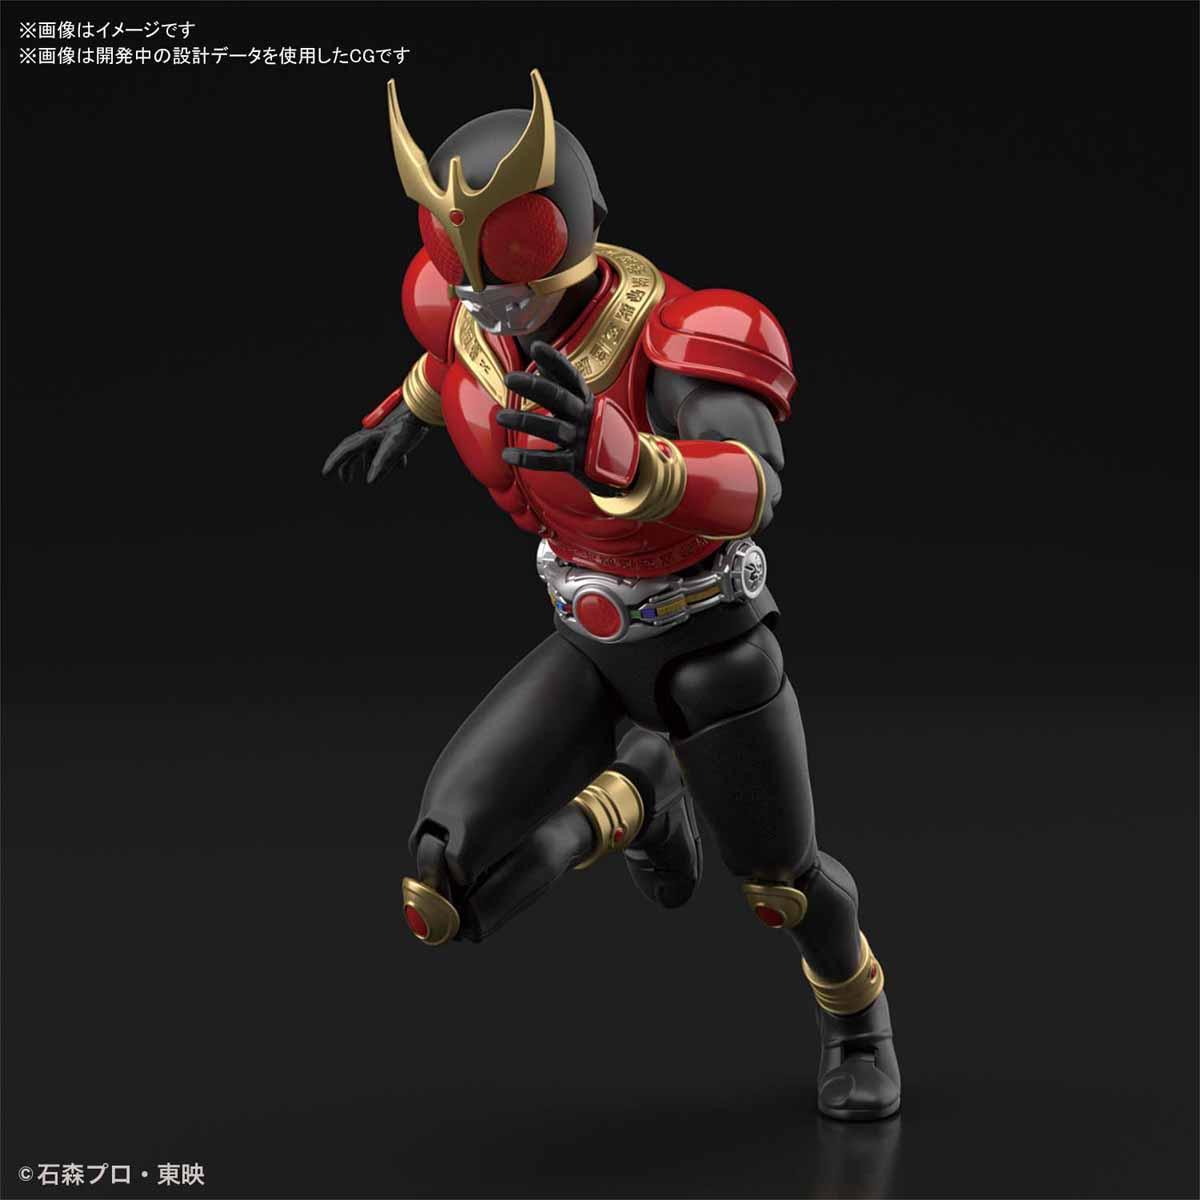 Figure-rise Standard『仮面ライダークウガ マイティフォーム』プラモデル-003